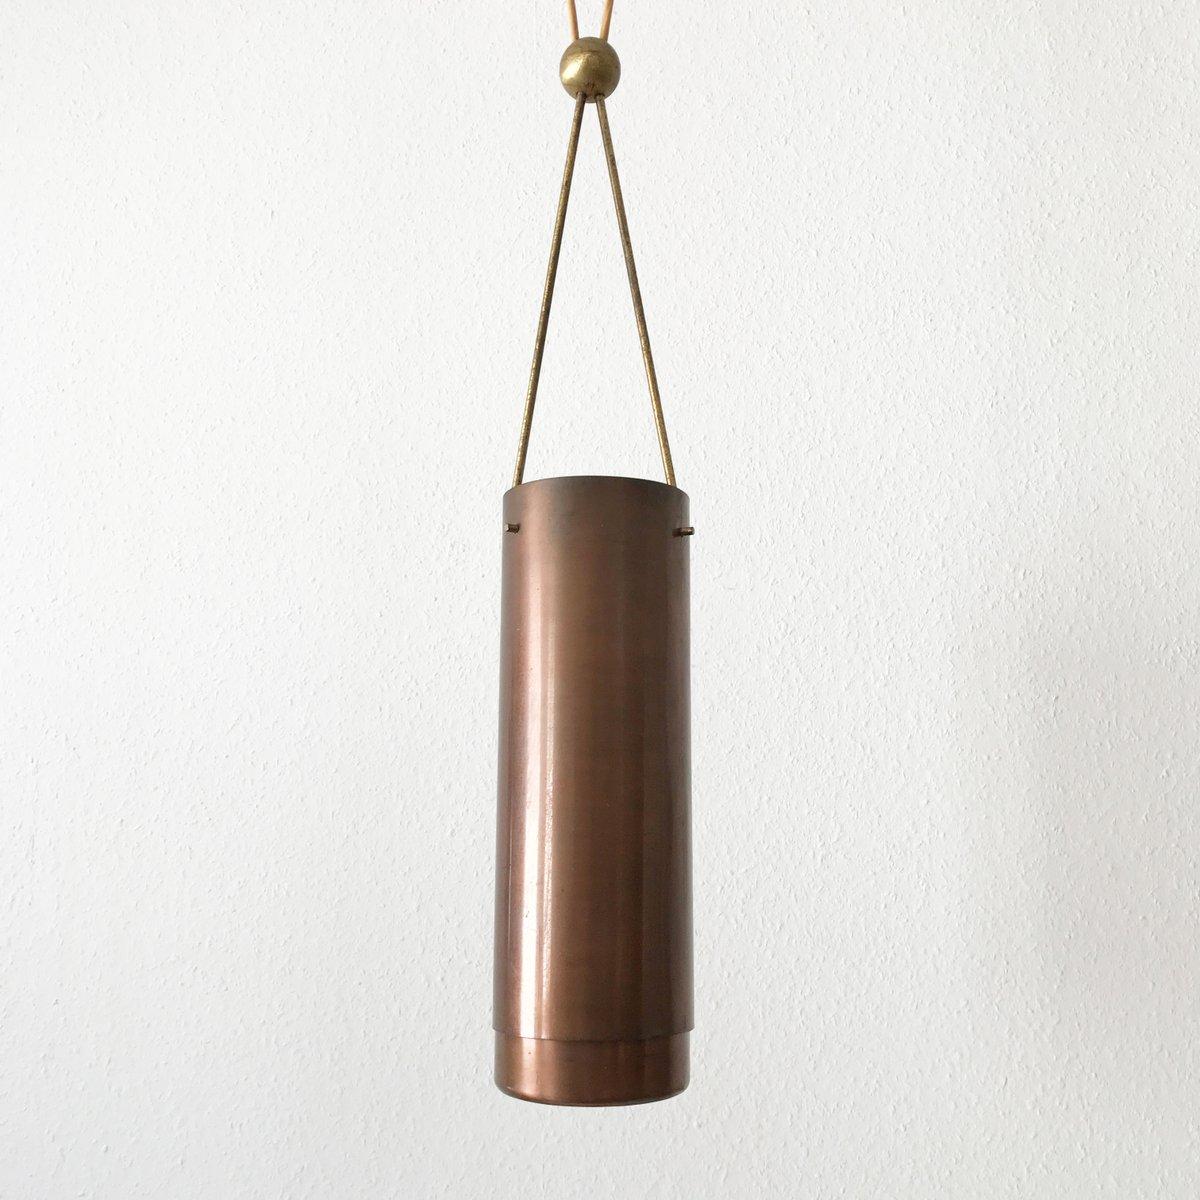 zylindrische mid century modern h ngelampe 1950er bei pamono kaufen. Black Bedroom Furniture Sets. Home Design Ideas